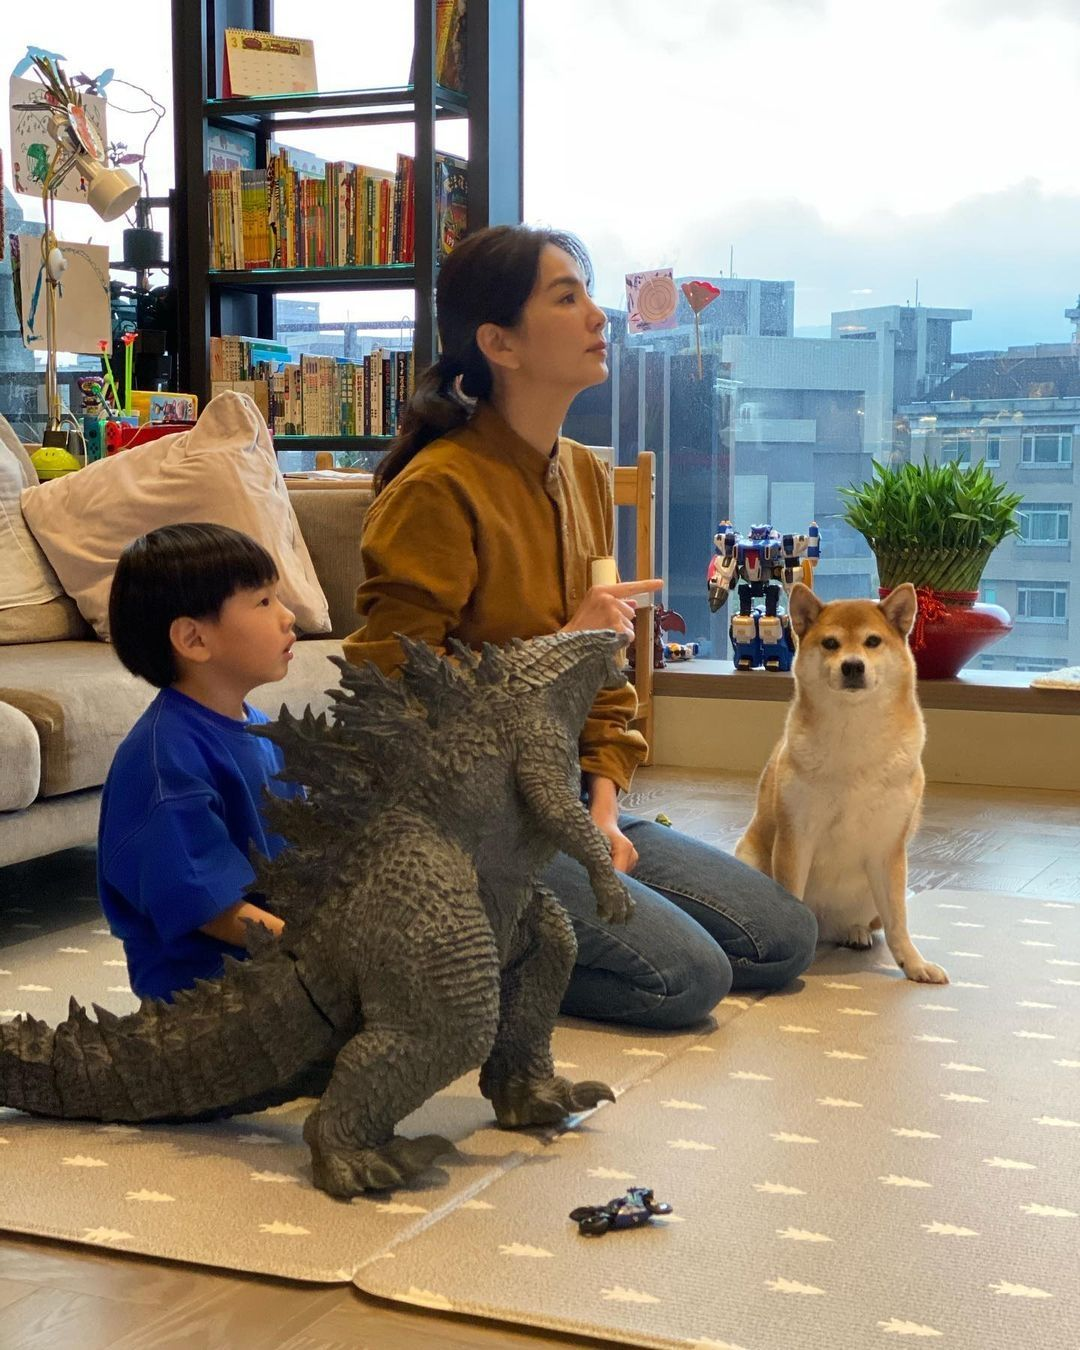 Ella與臉圓兒子看電視狗狗搶鏡,豪宅窗外景觀像城中村接地氣